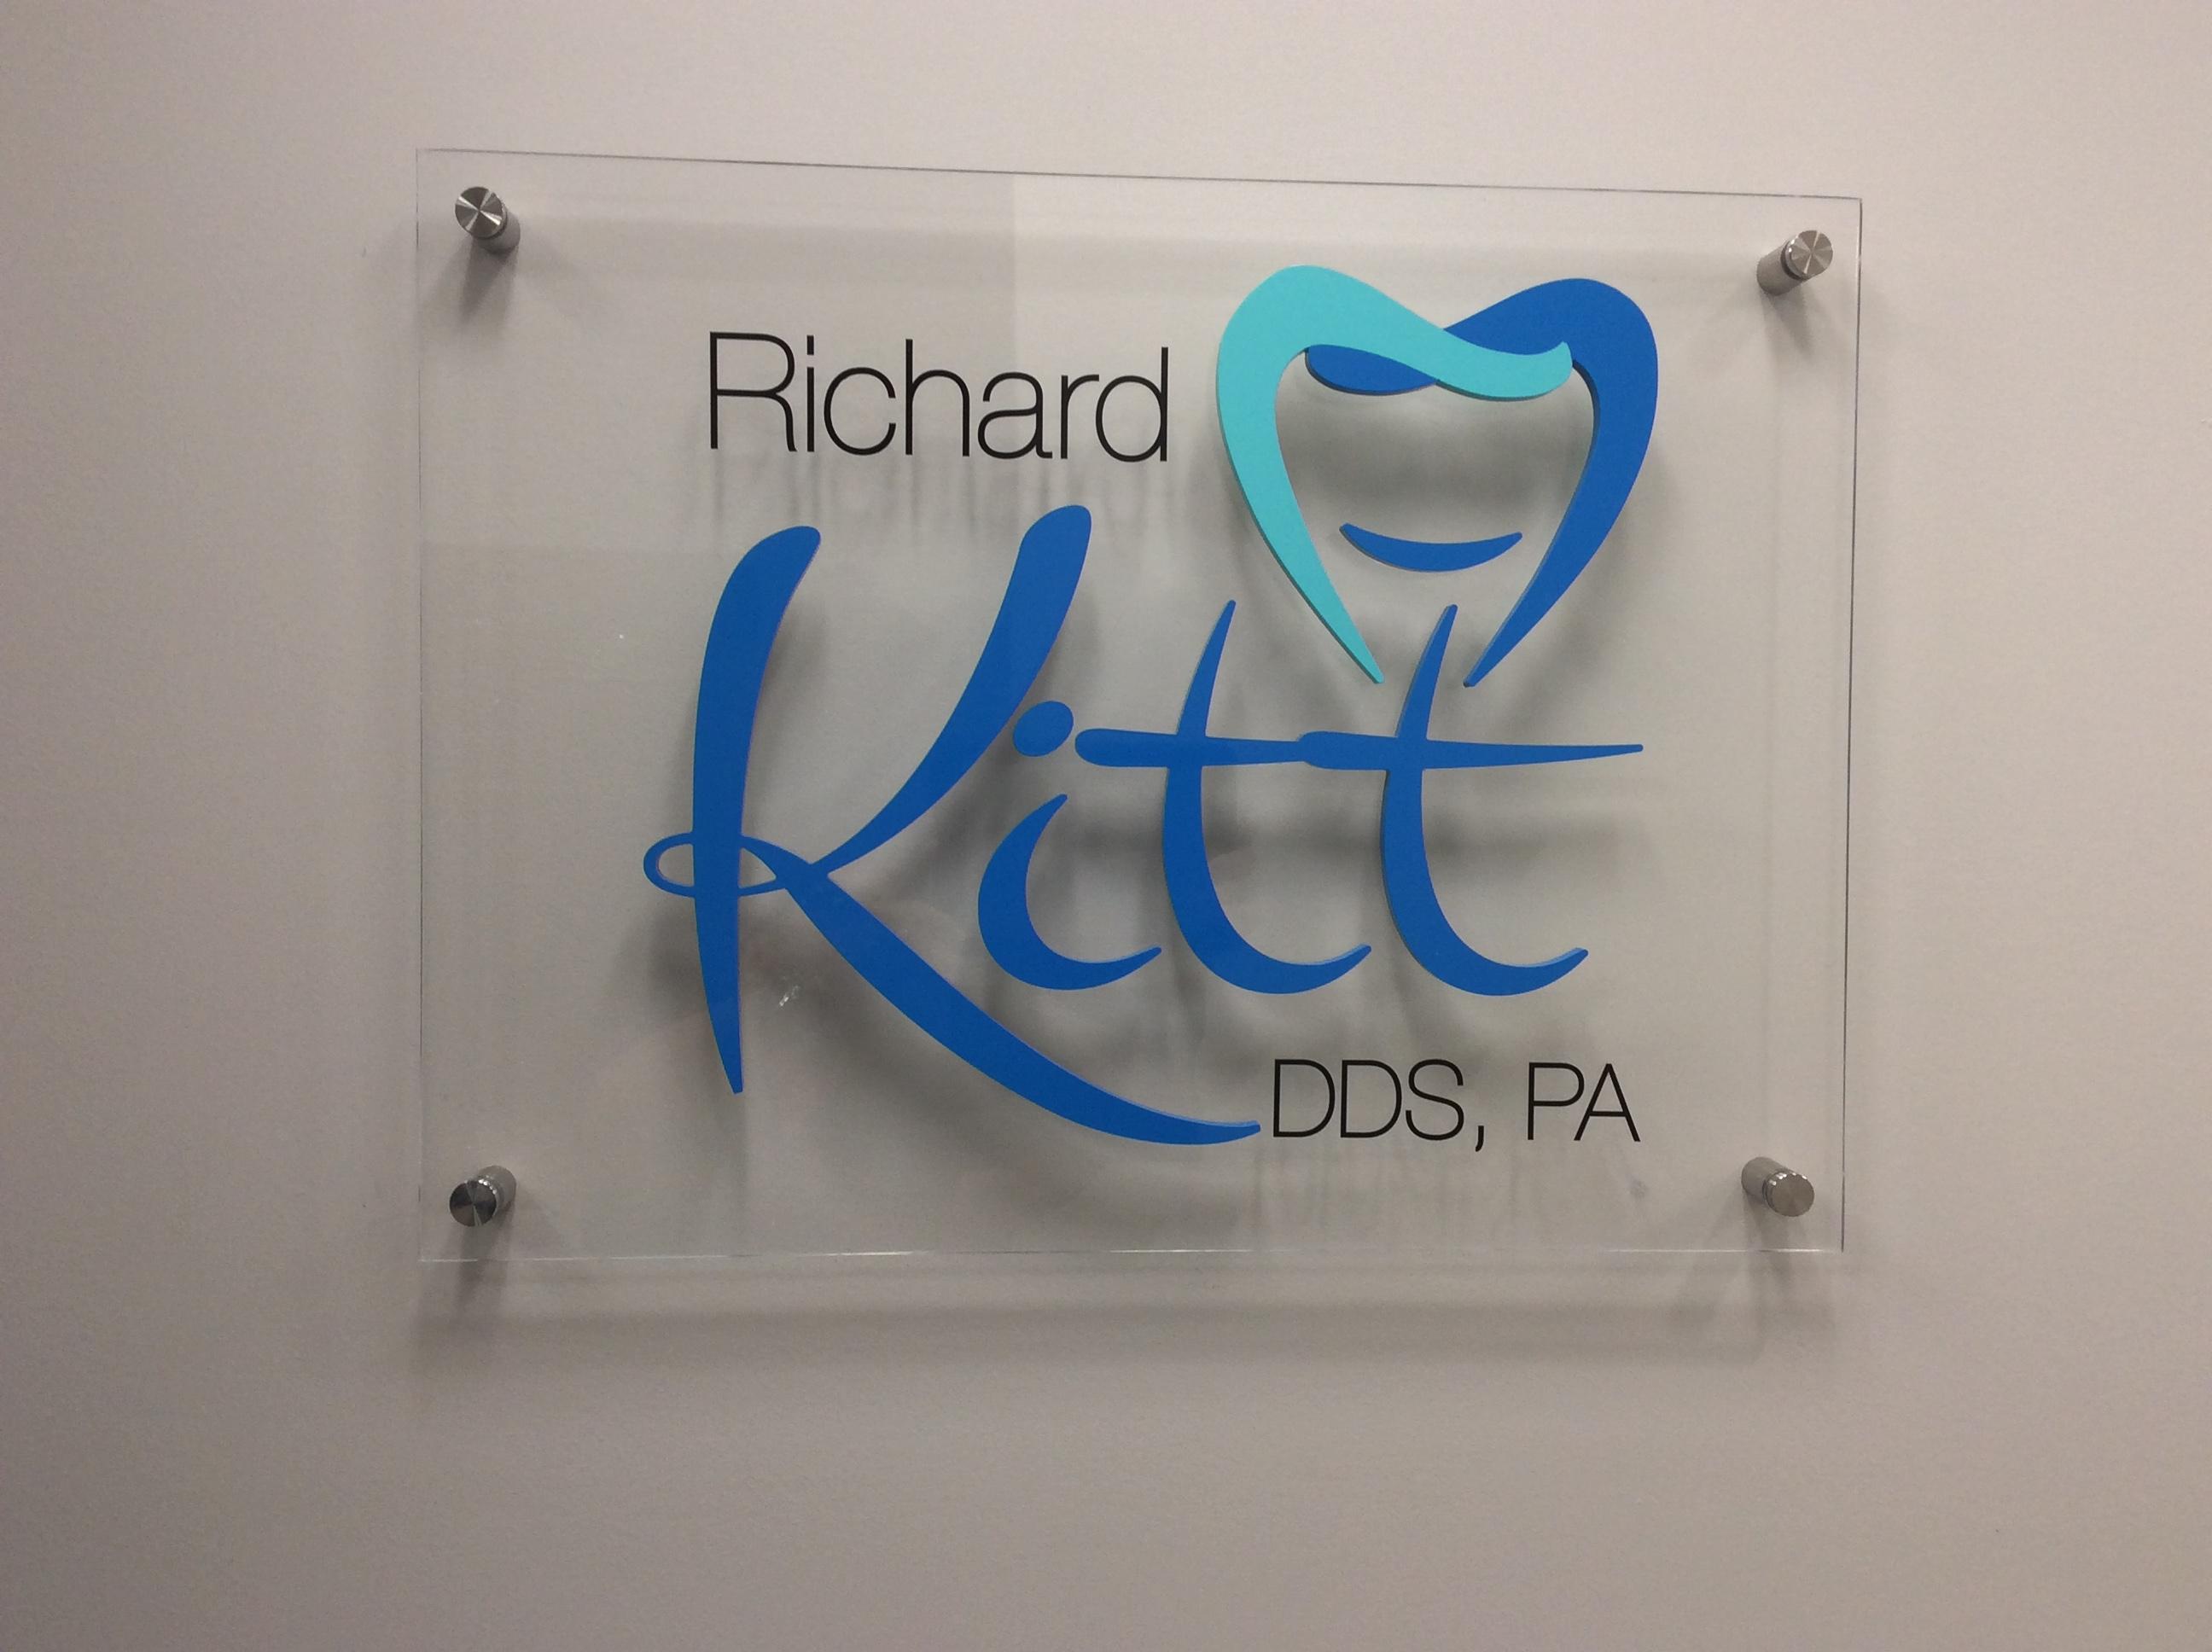 Kitt Richard DDS image 1